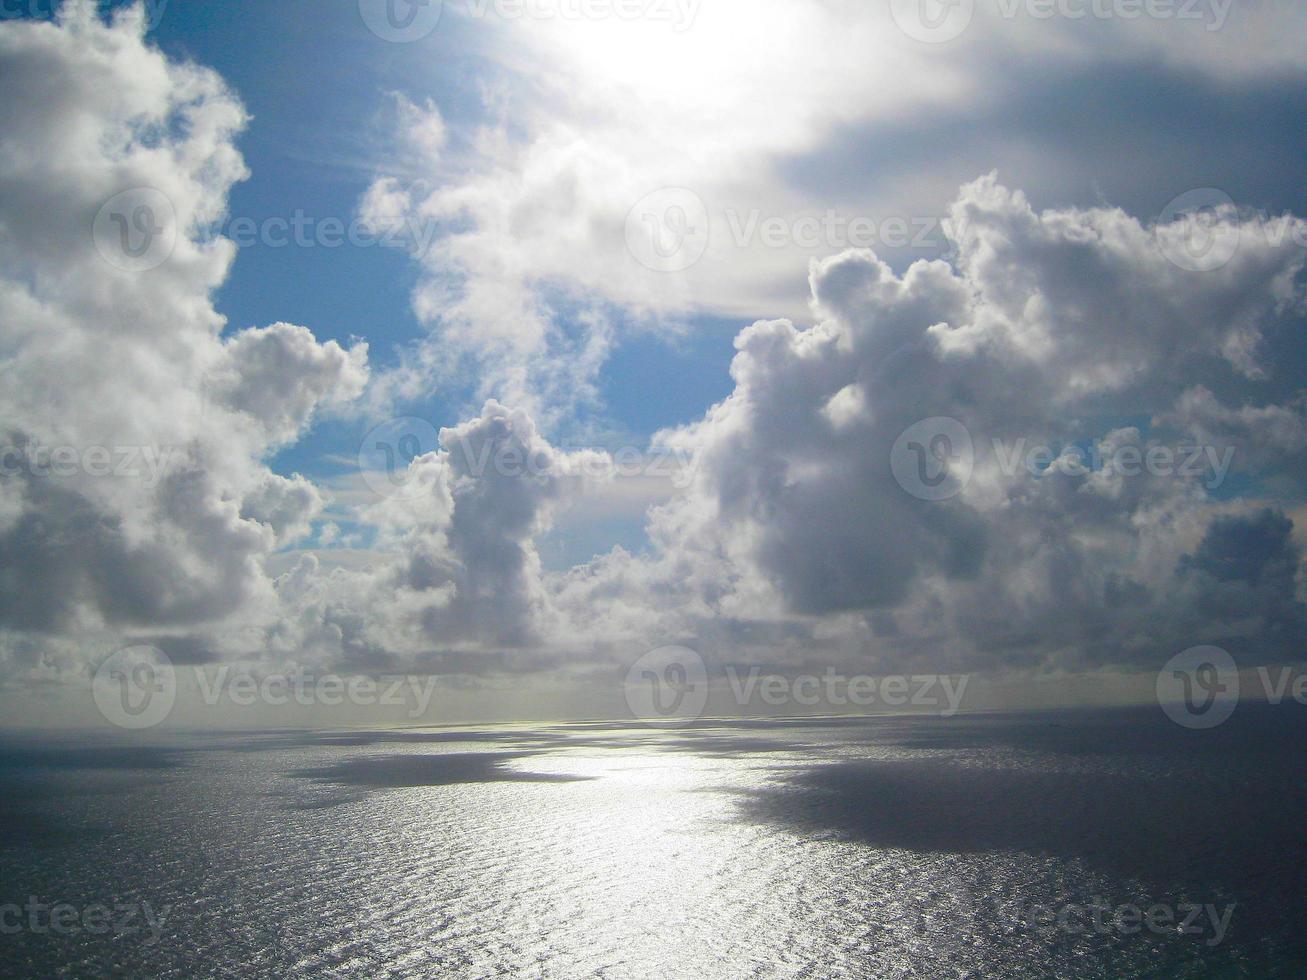 moln över havet foto